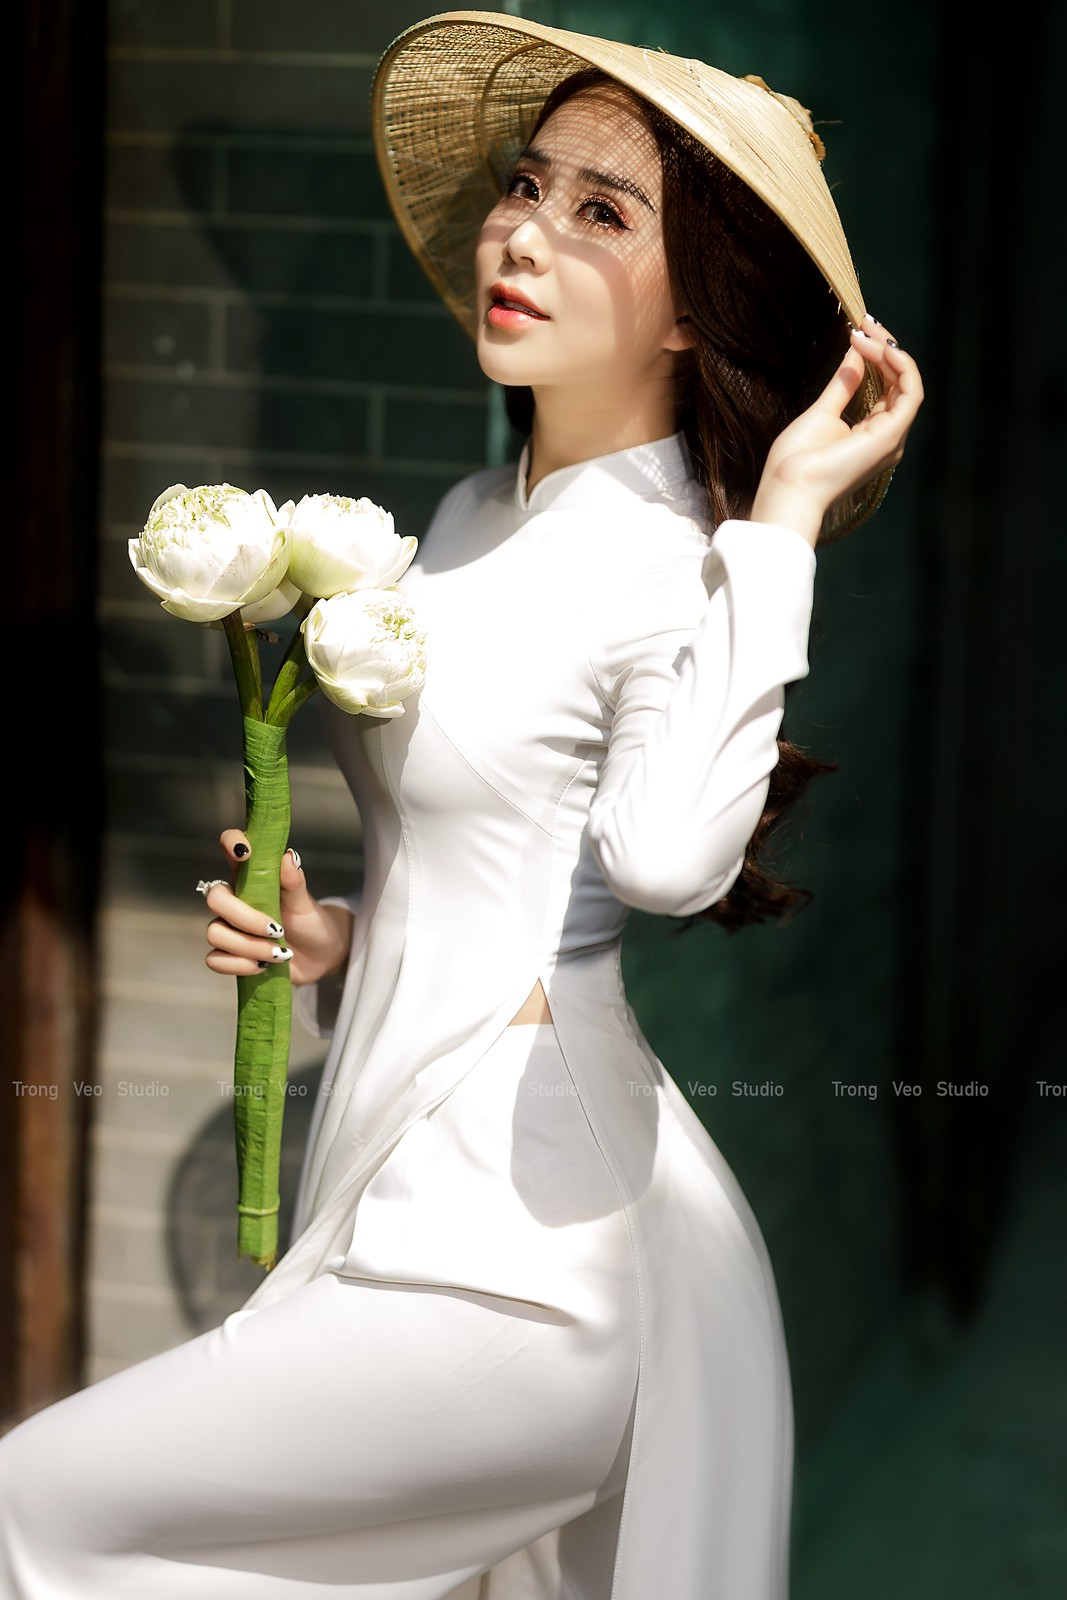 Ngắm hot girl Lục Anh xinh đẹp như hoa không sao tả xiết trong tà áo dài truyền thống - 6